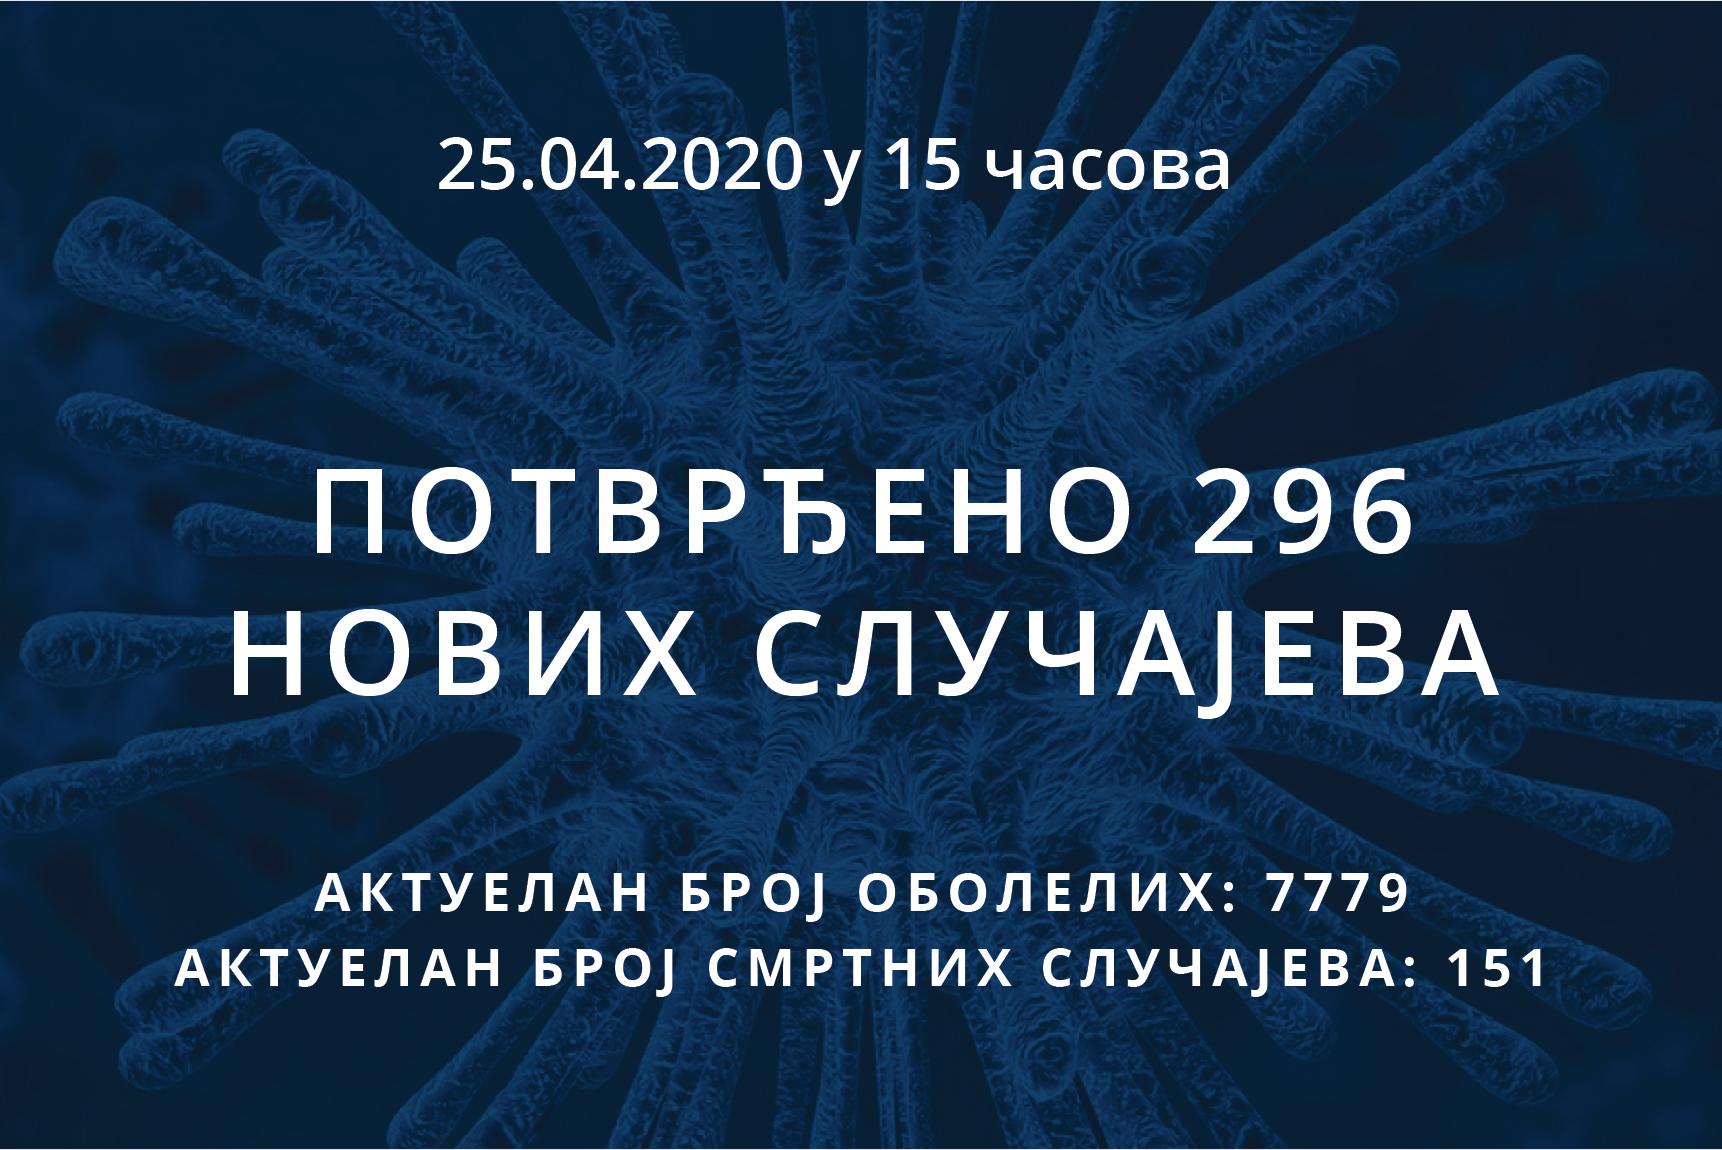 Информације о корона вирусу COVID-19, 25.04.2020 у 15 часова